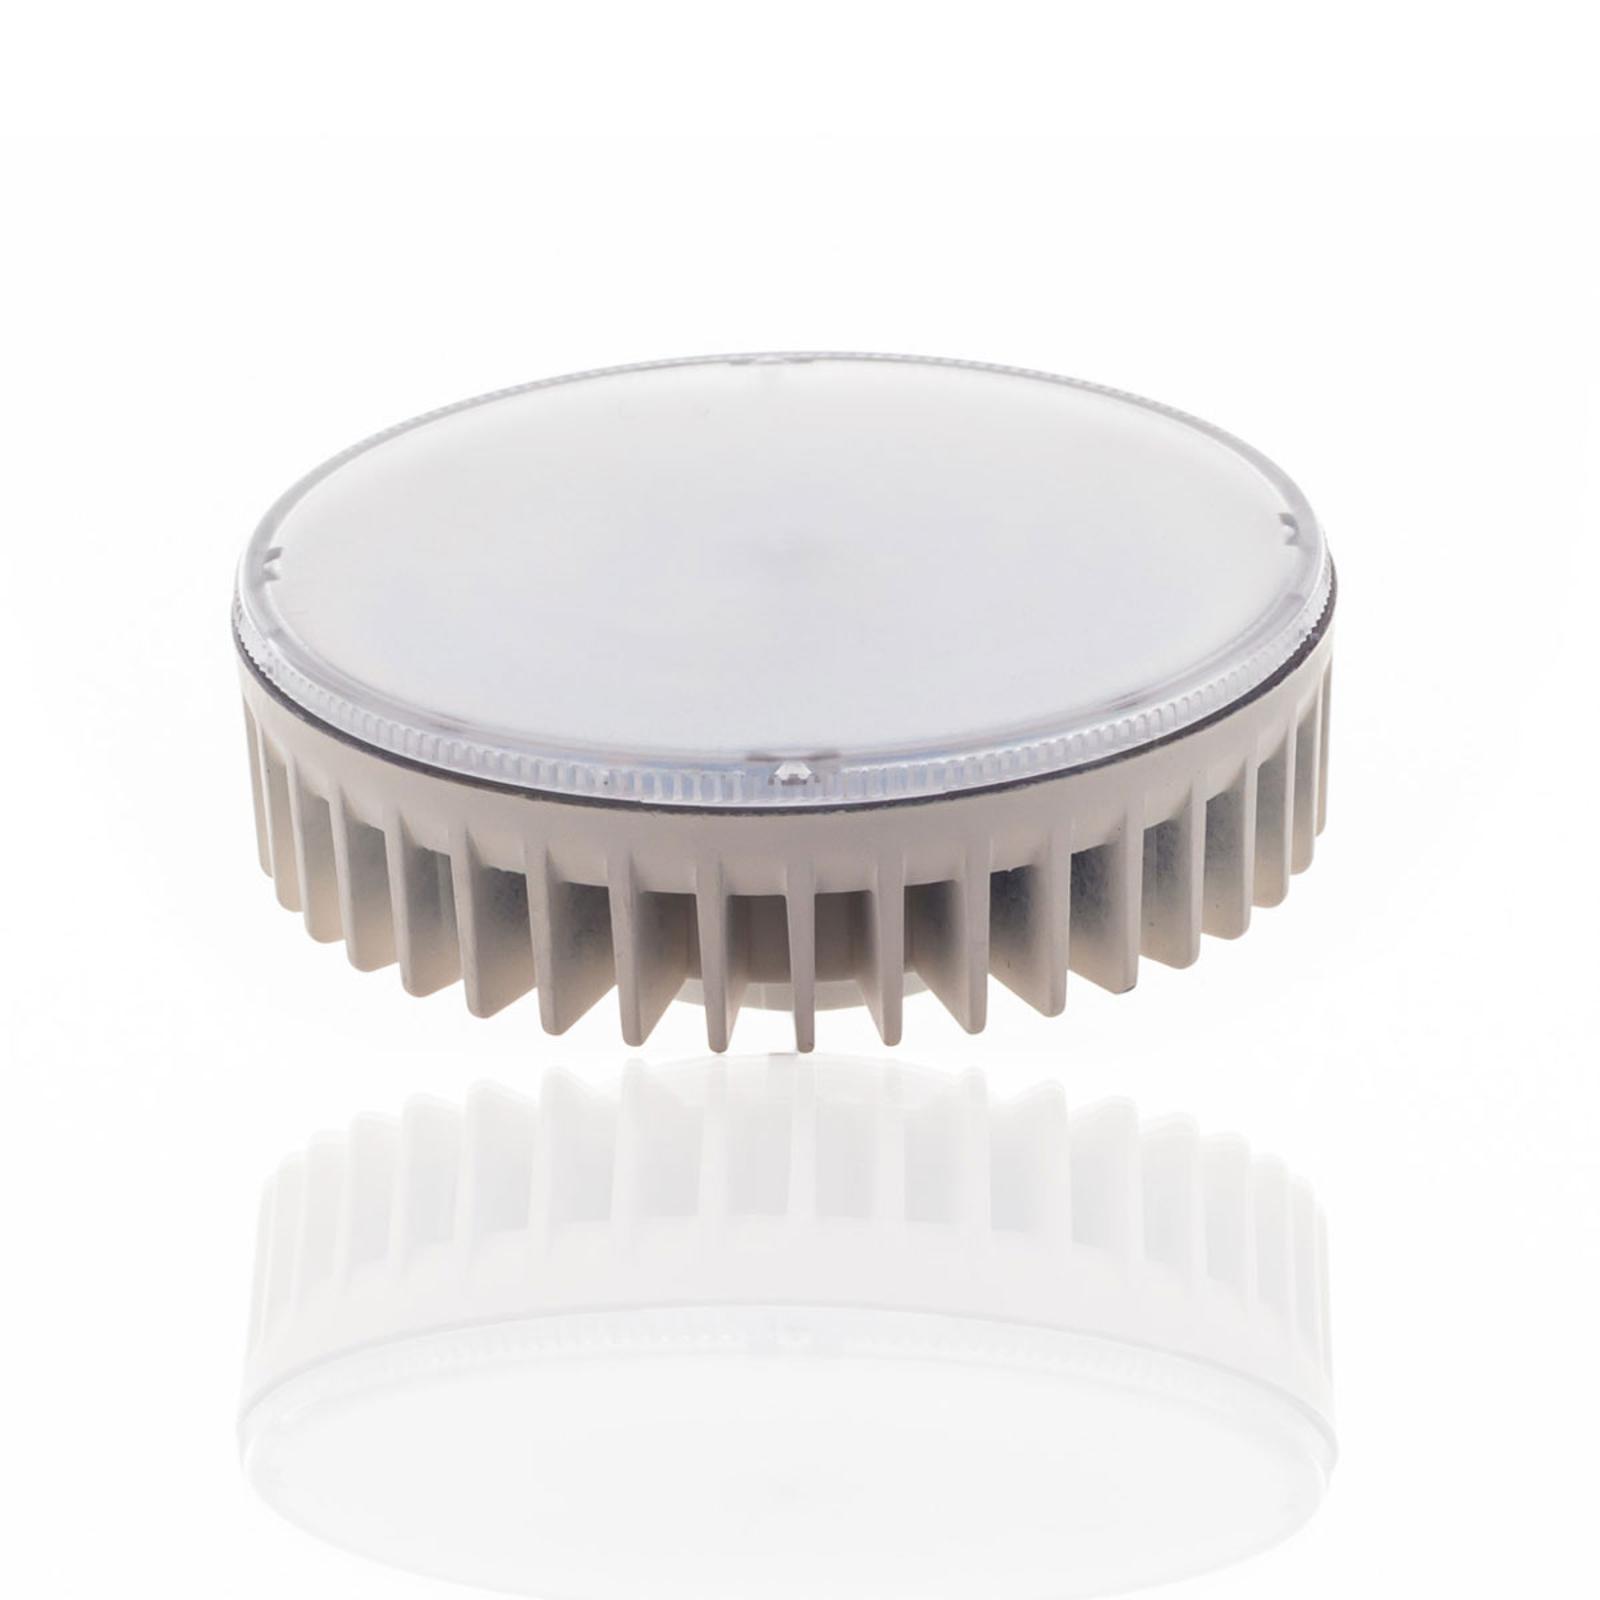 GX53 7W LED-Lampe mit 800lm - warmweiß